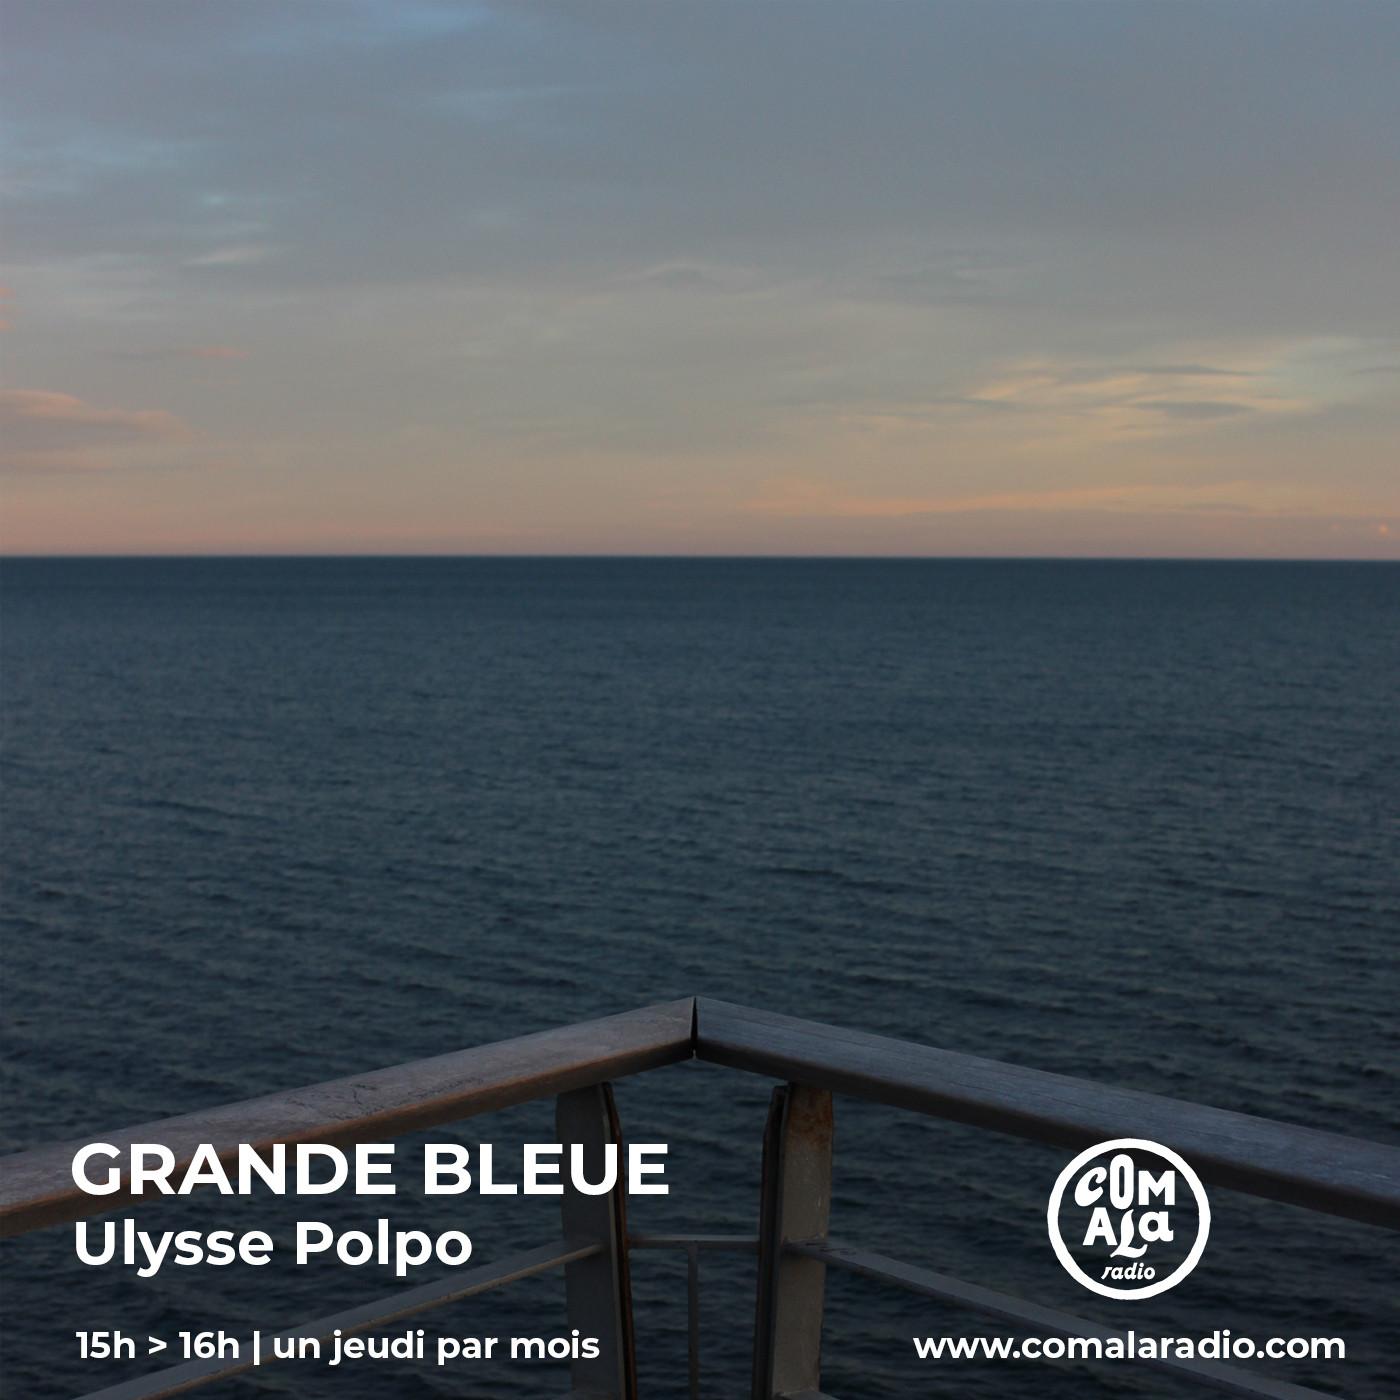 Ulysse Polpo - Grande Bleue